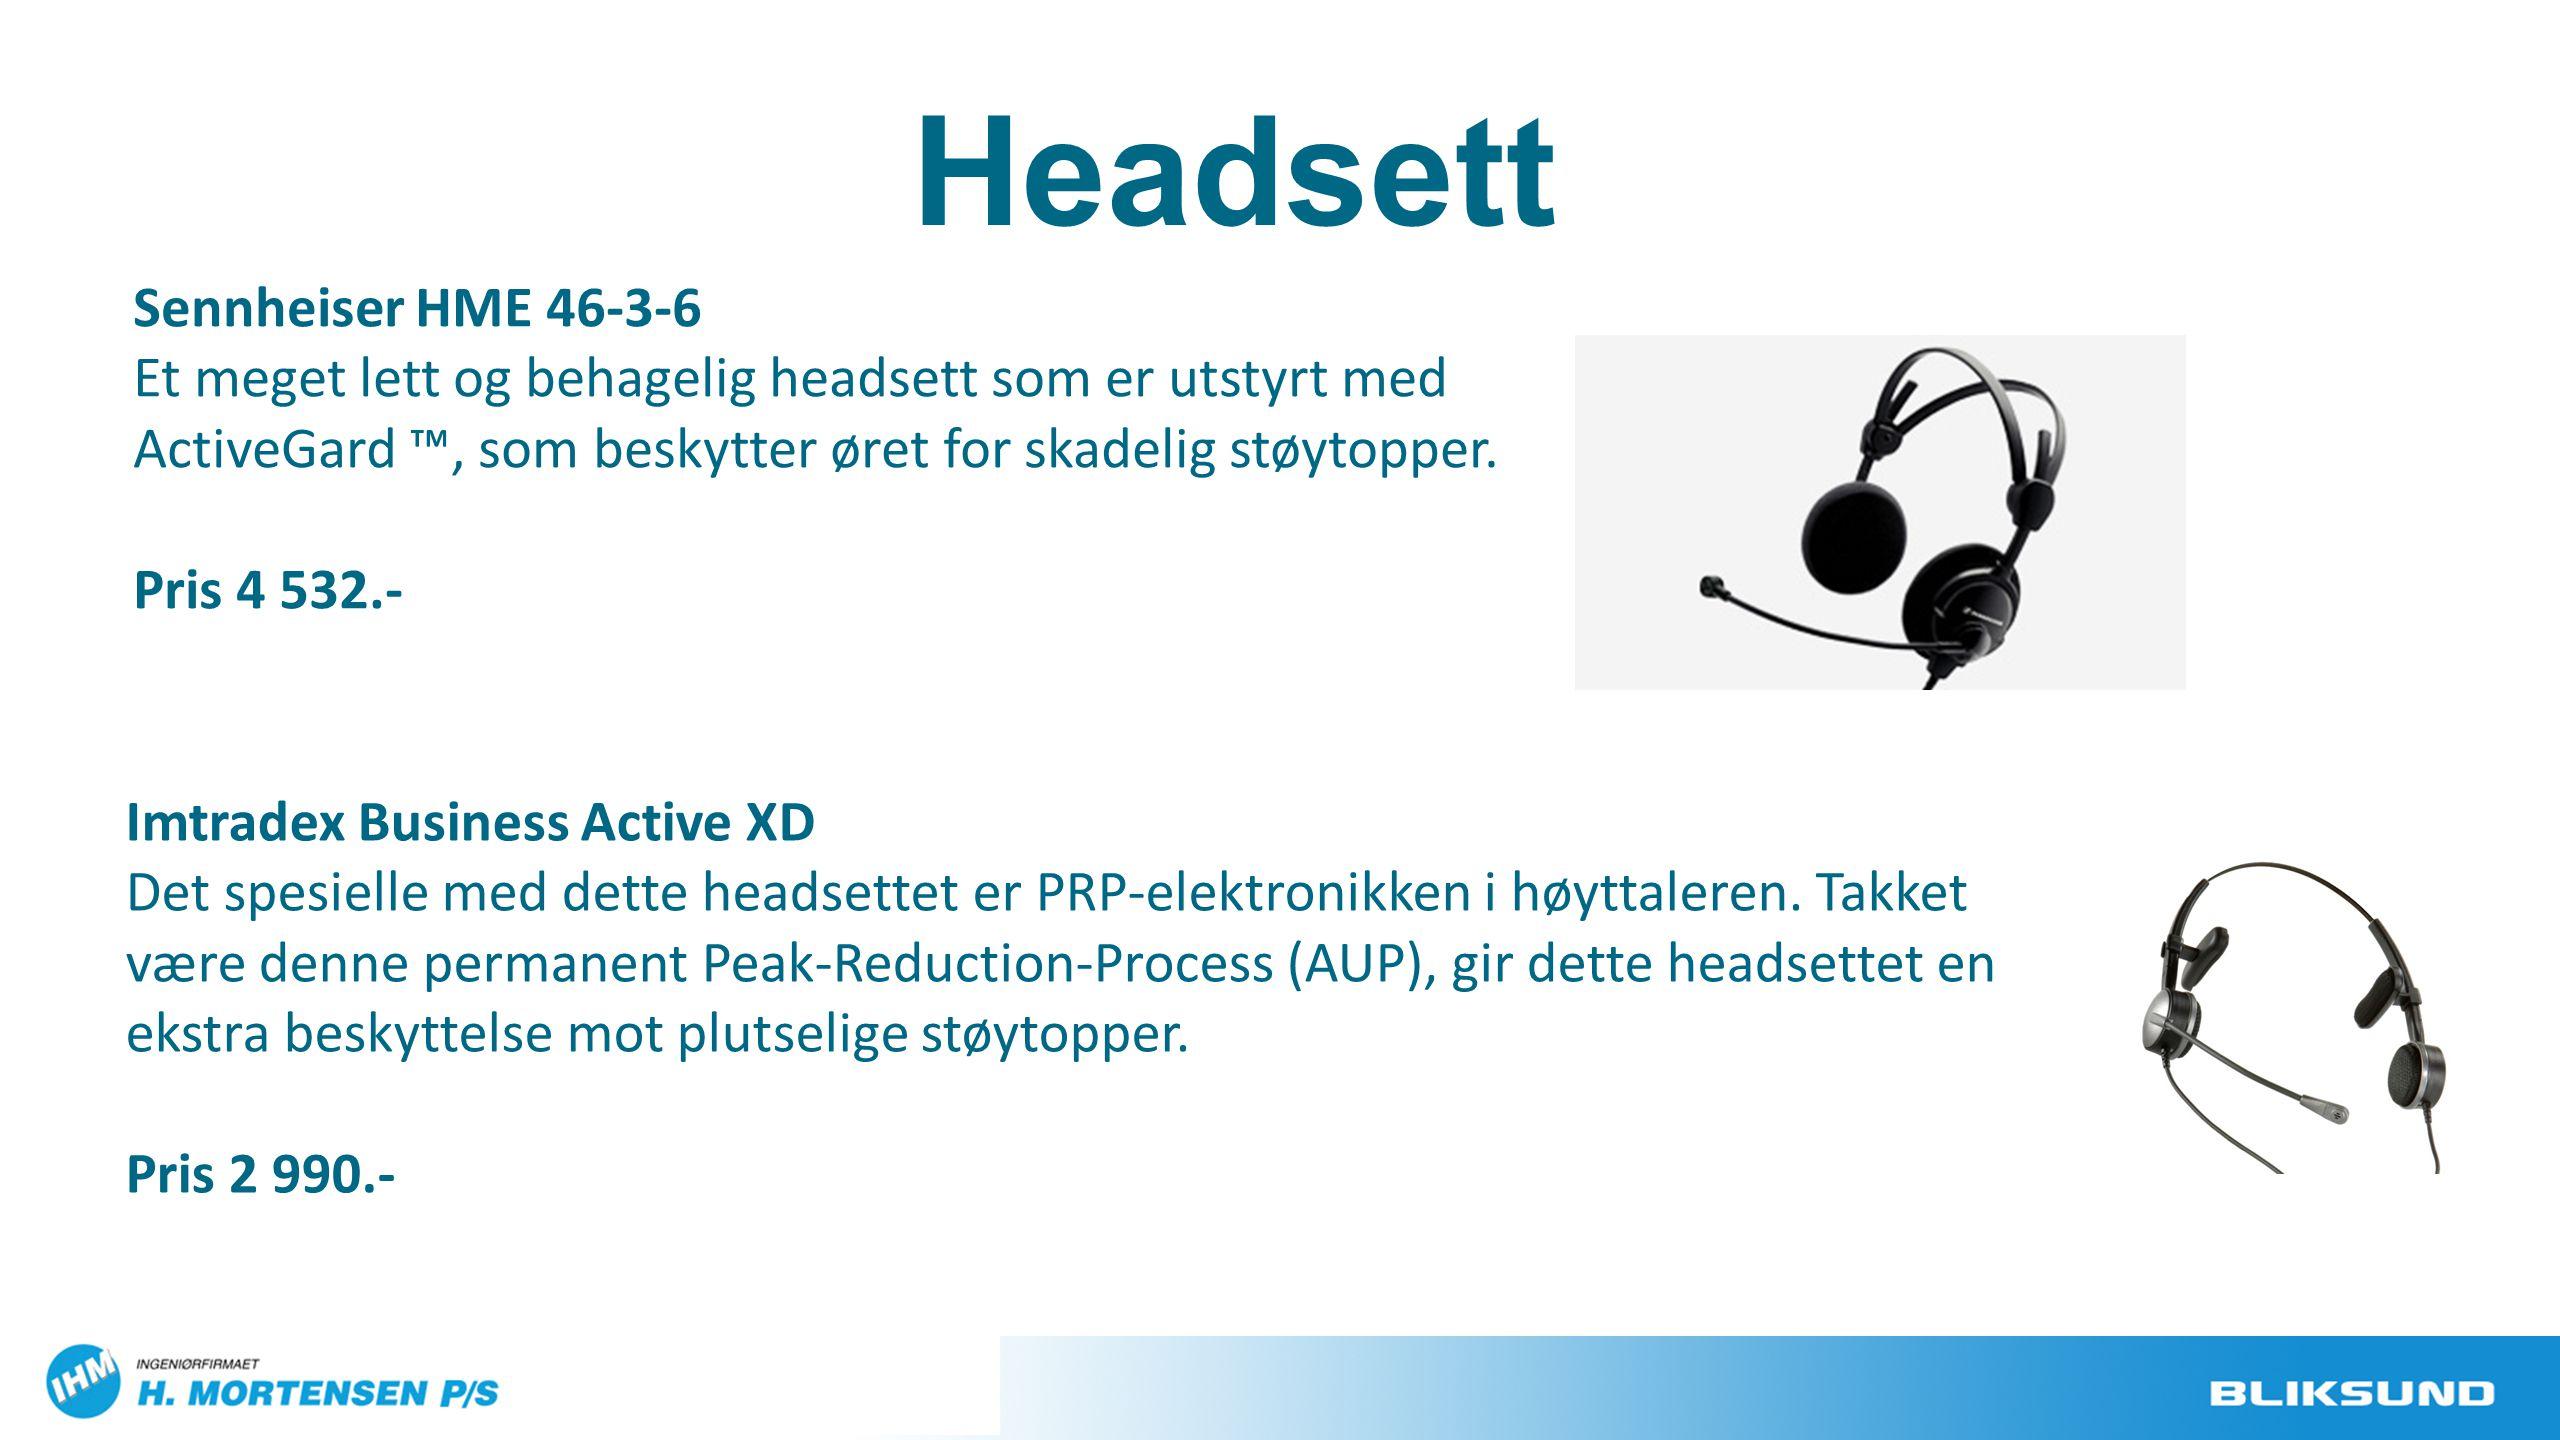 Headsett Imtradex Business Active XD Det spesielle med dette headsettet er PRP-elektronikken i høyttaleren. Takket være denne permanent Peak-Reduction